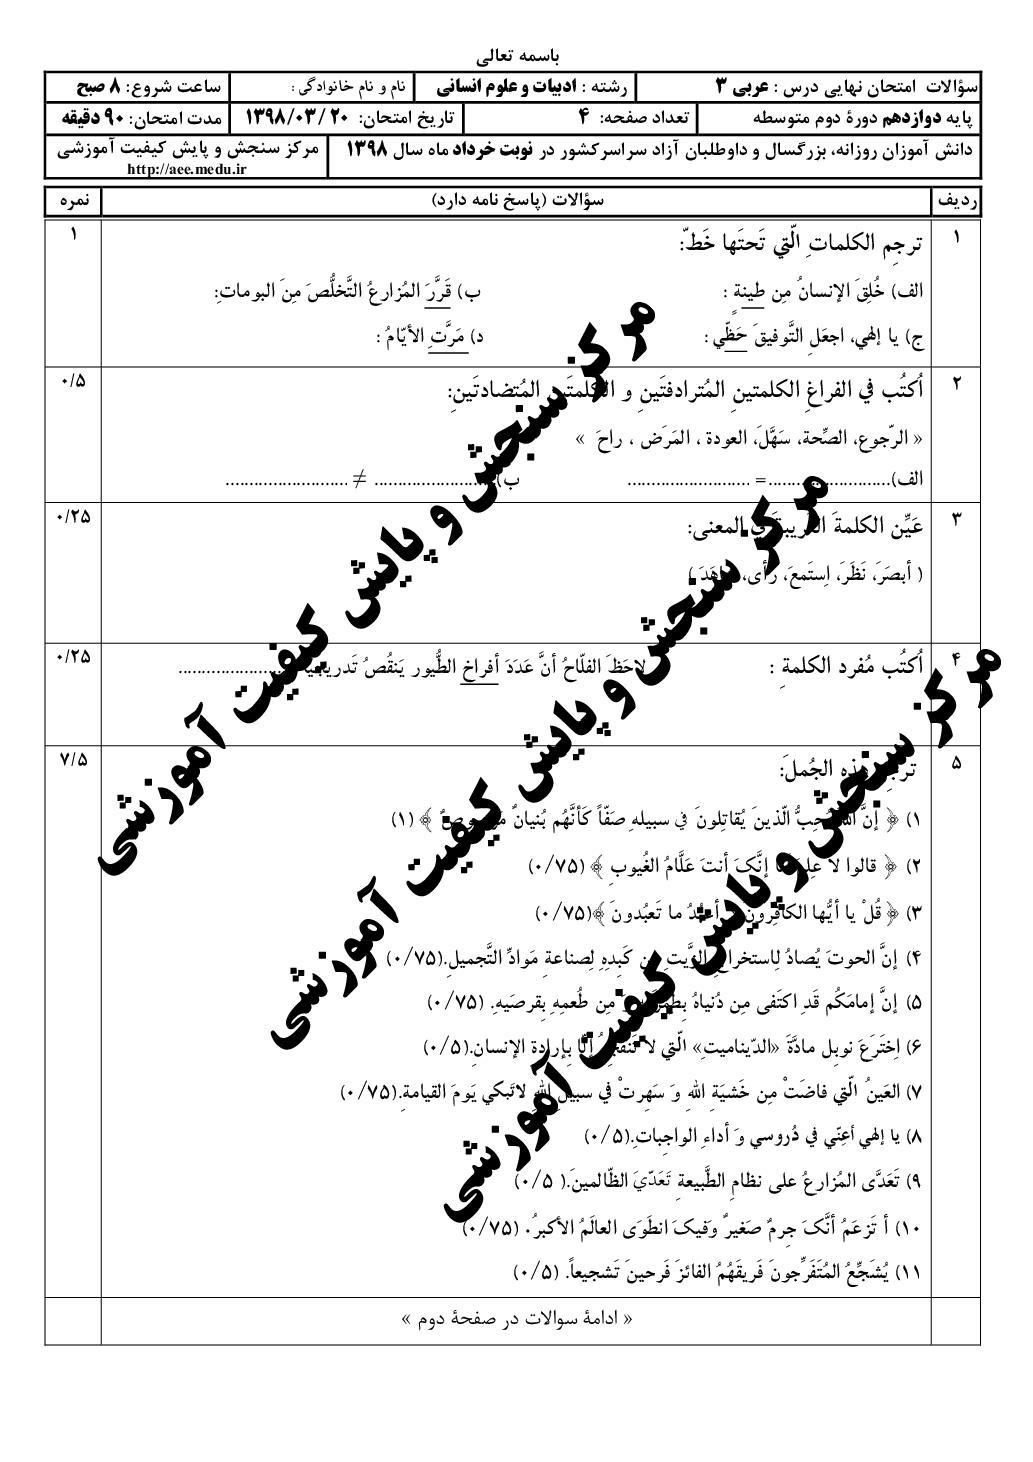 امتحان نهایی عربی 3 - خرداد 98 (PDF)